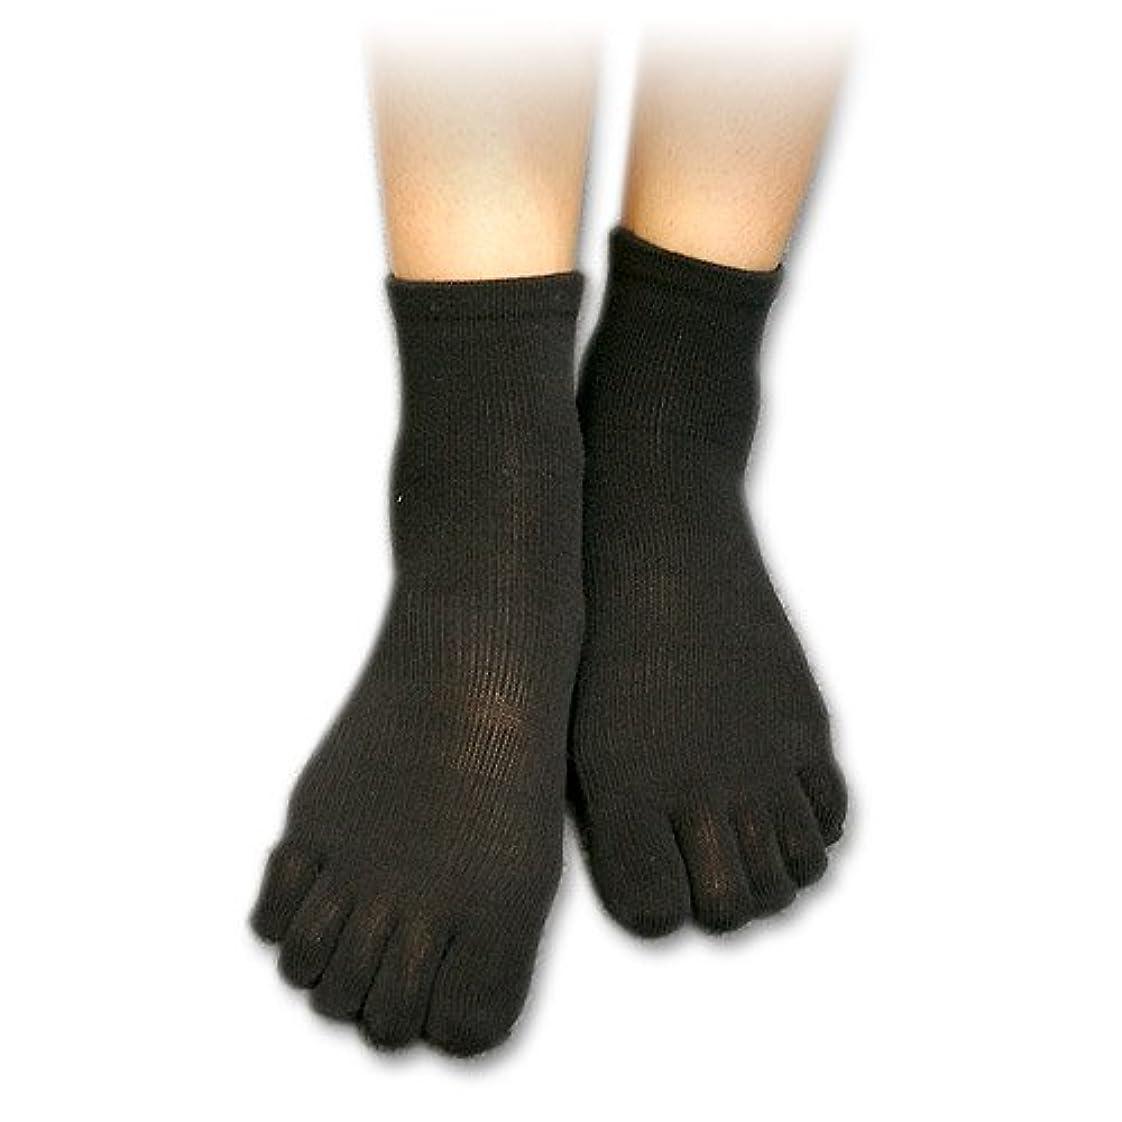 不当高潔な努力する足裏安定5本指靴下(S(22-24cm), ブラック)